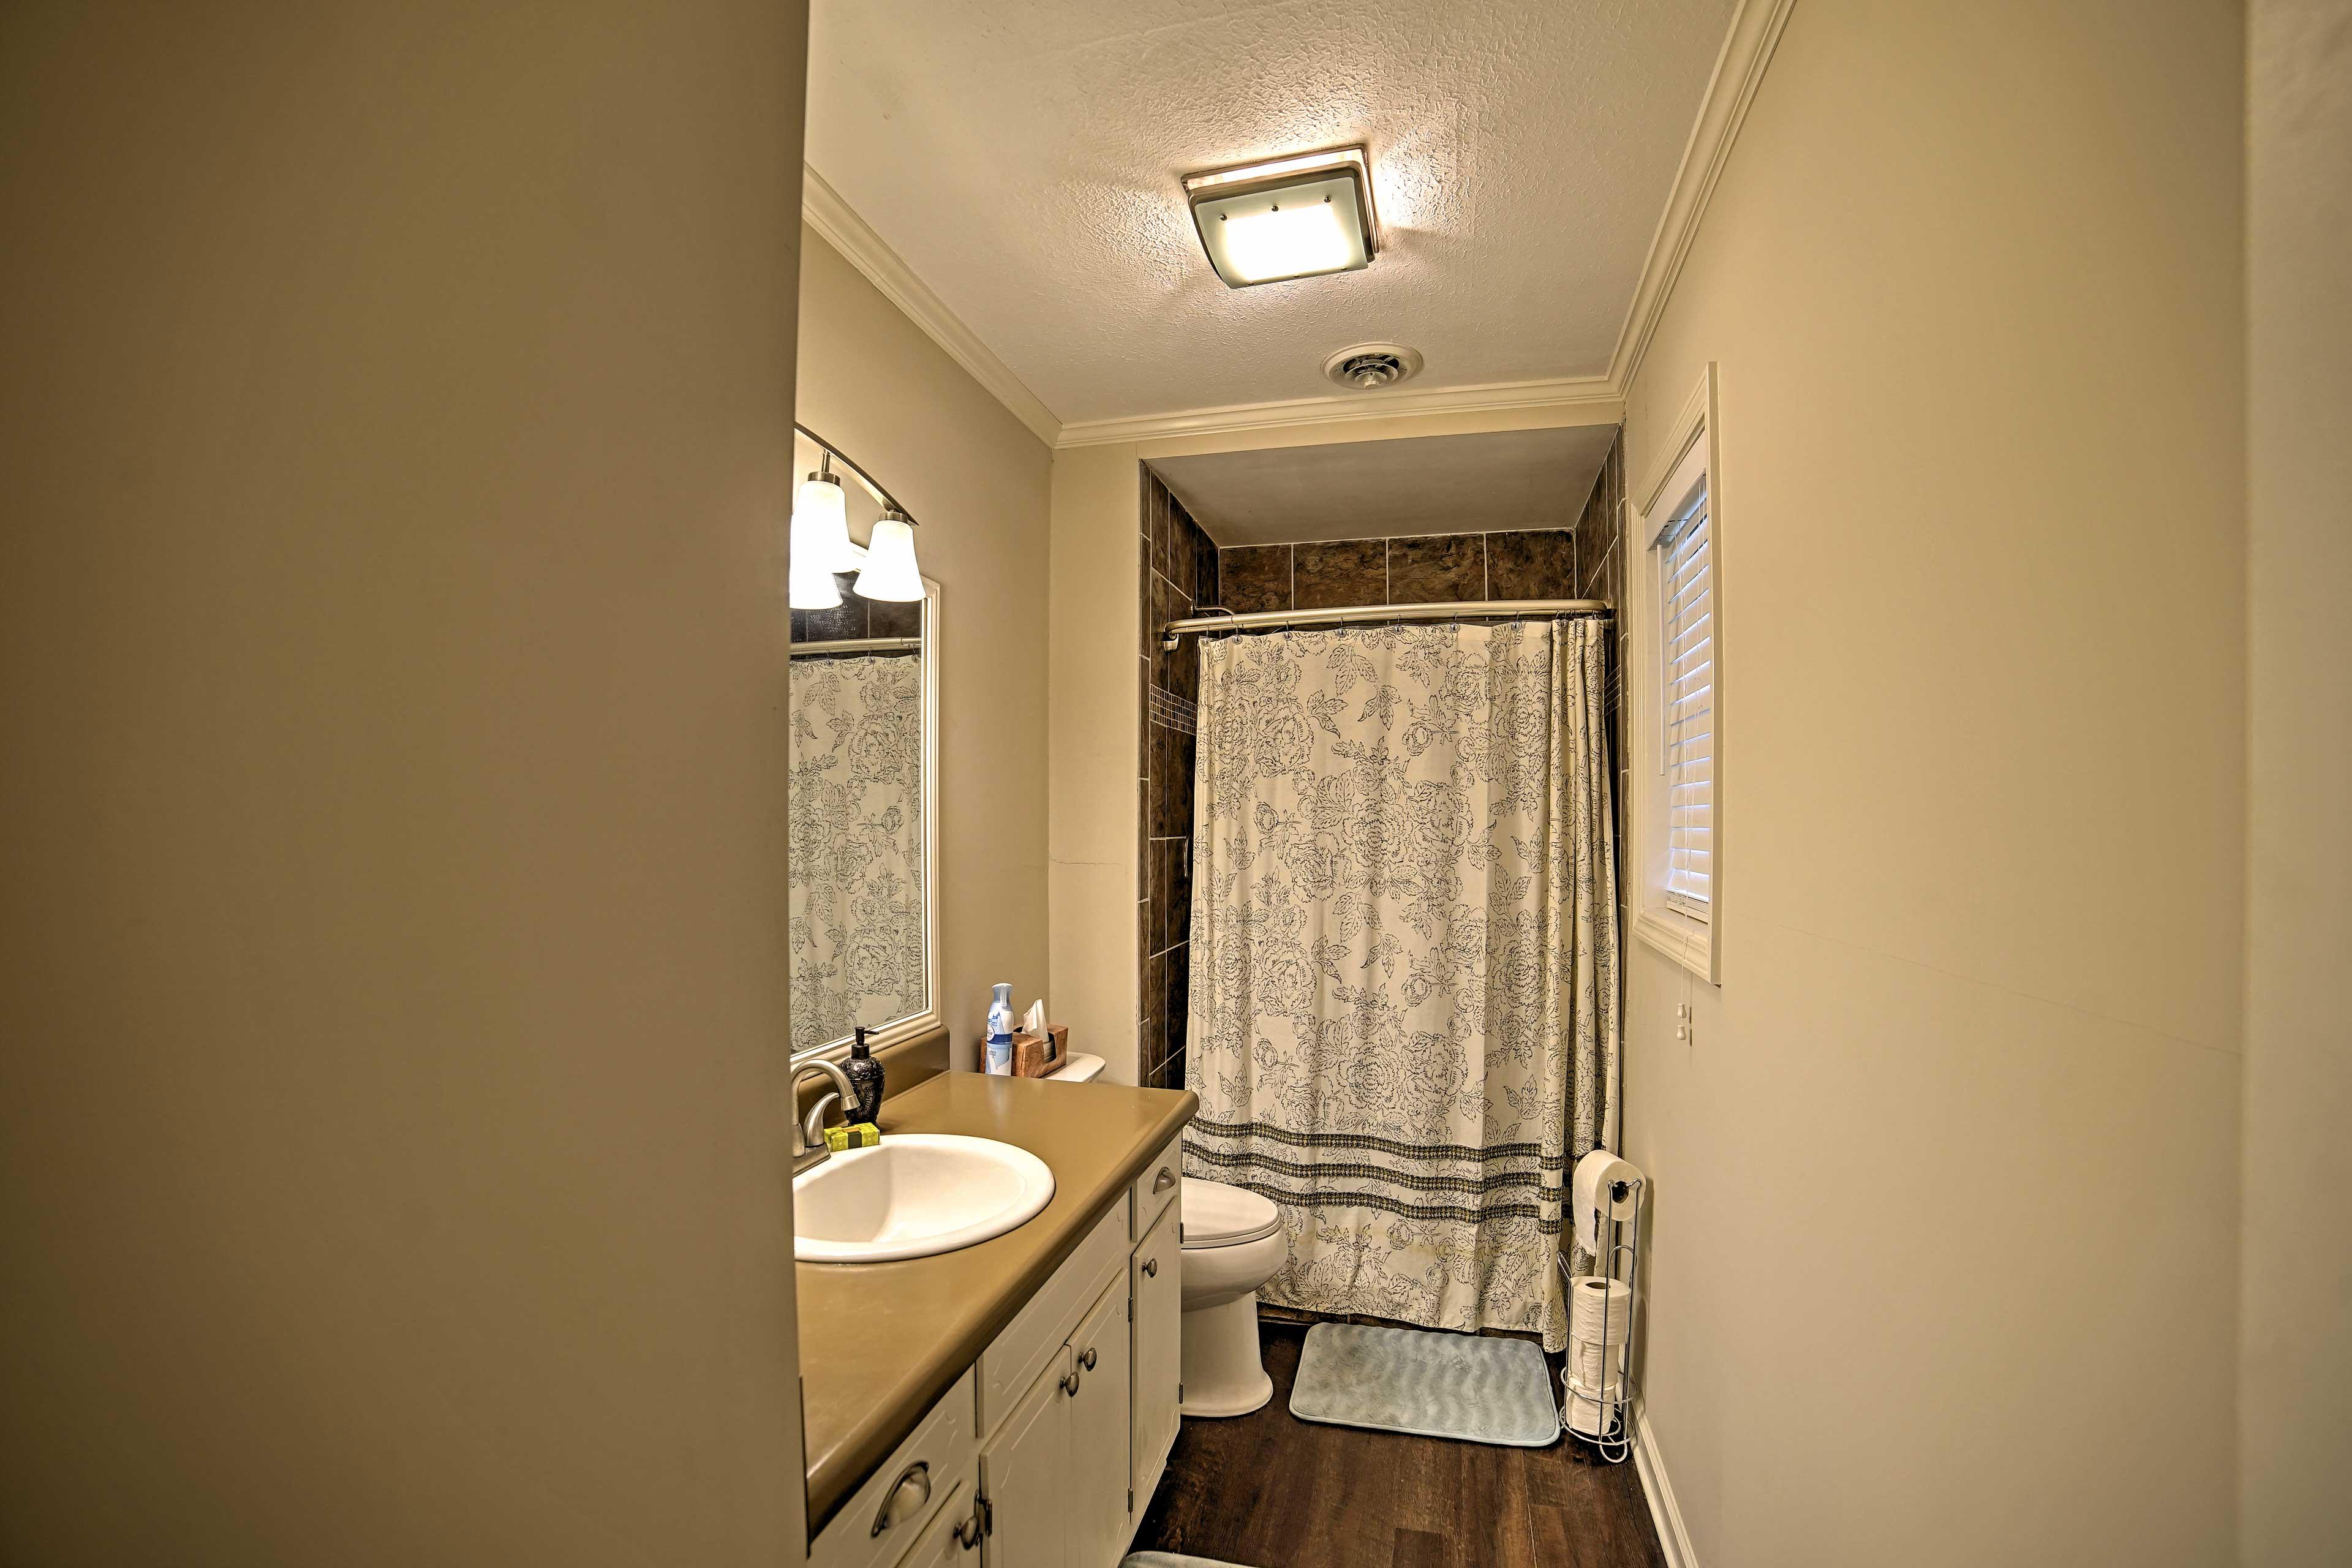 Wash up in this full en-suite bathroom.